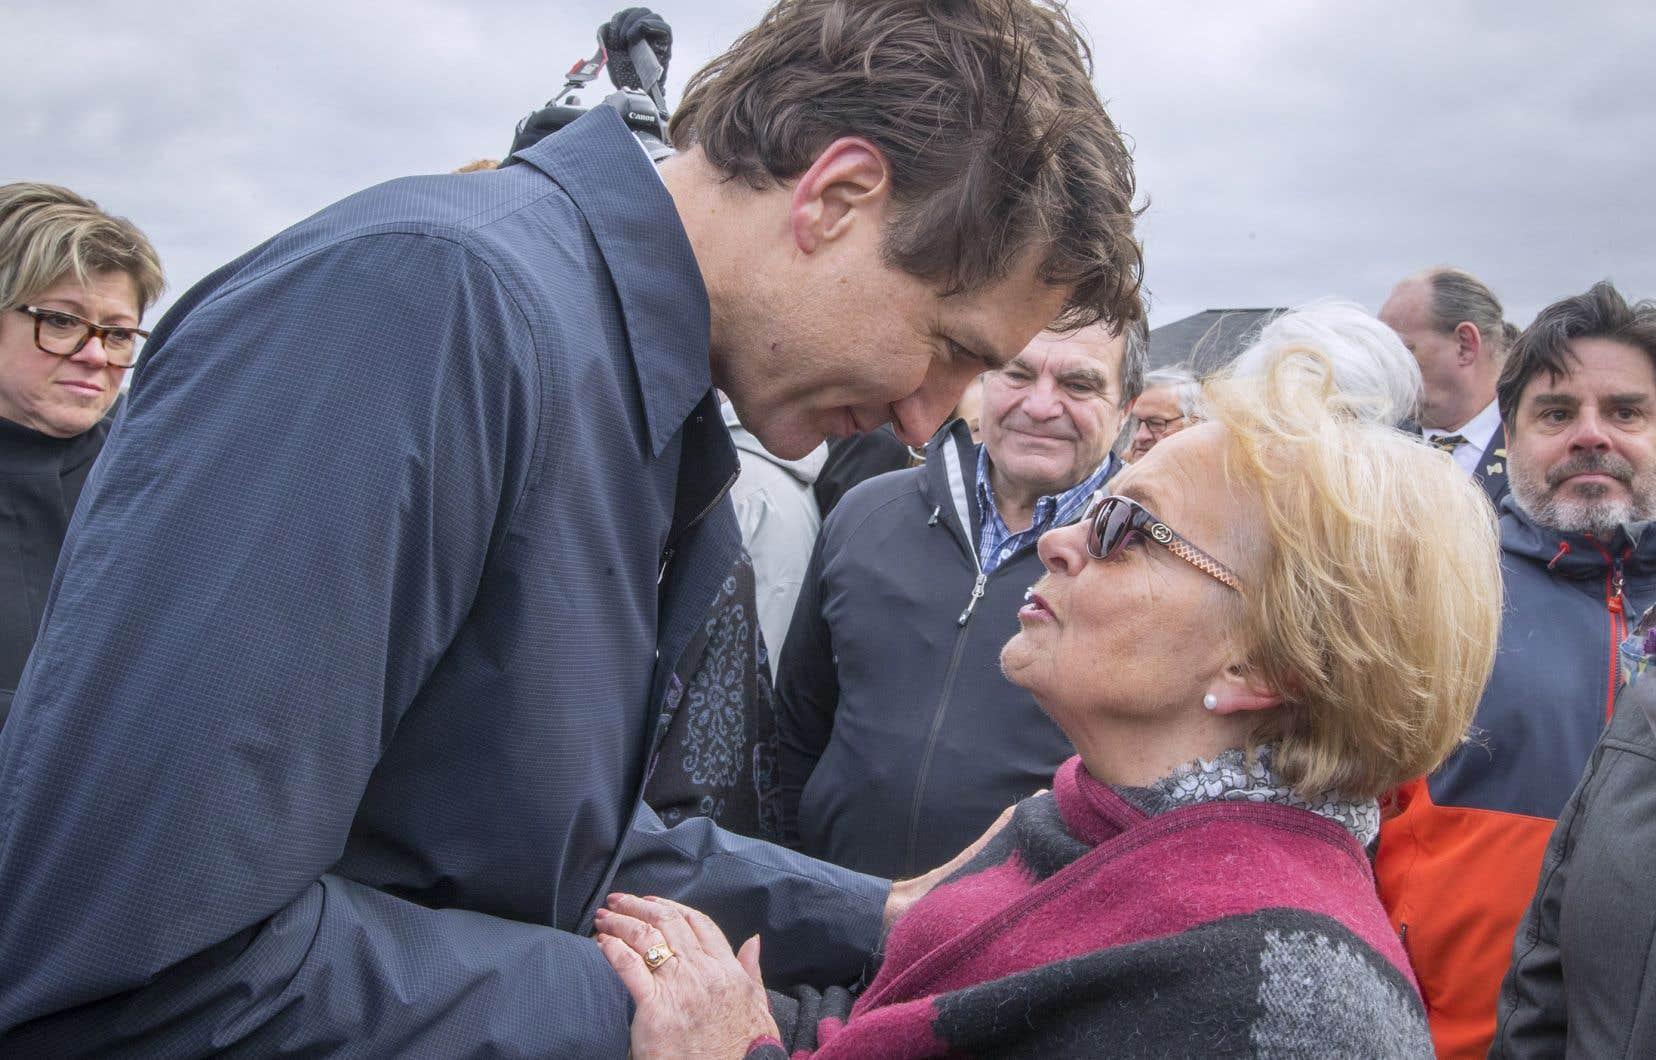 Le premier ministre du Canada, Justin Trudeau, a rencontré vendredi Colette Roy-Laroche, mairesse de Lac-Mégantic au moment du drame qui a coûté la vie de 47 de ses citoyens le 6 juillet 2013.